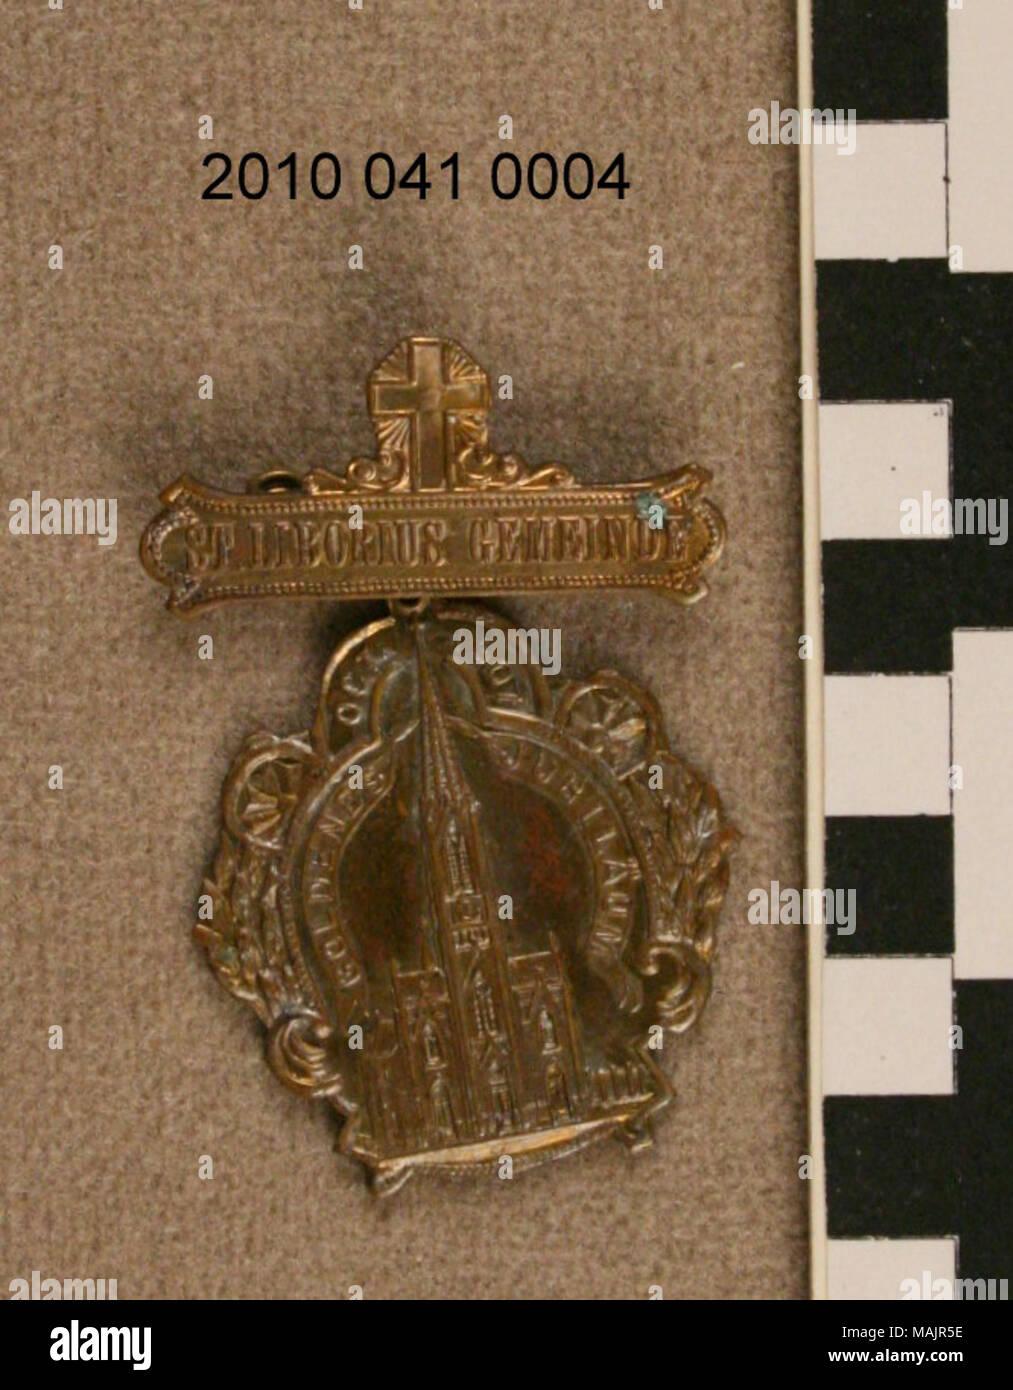 Bronzemedaille mit Pin auf der Rückseite des oberen Teil